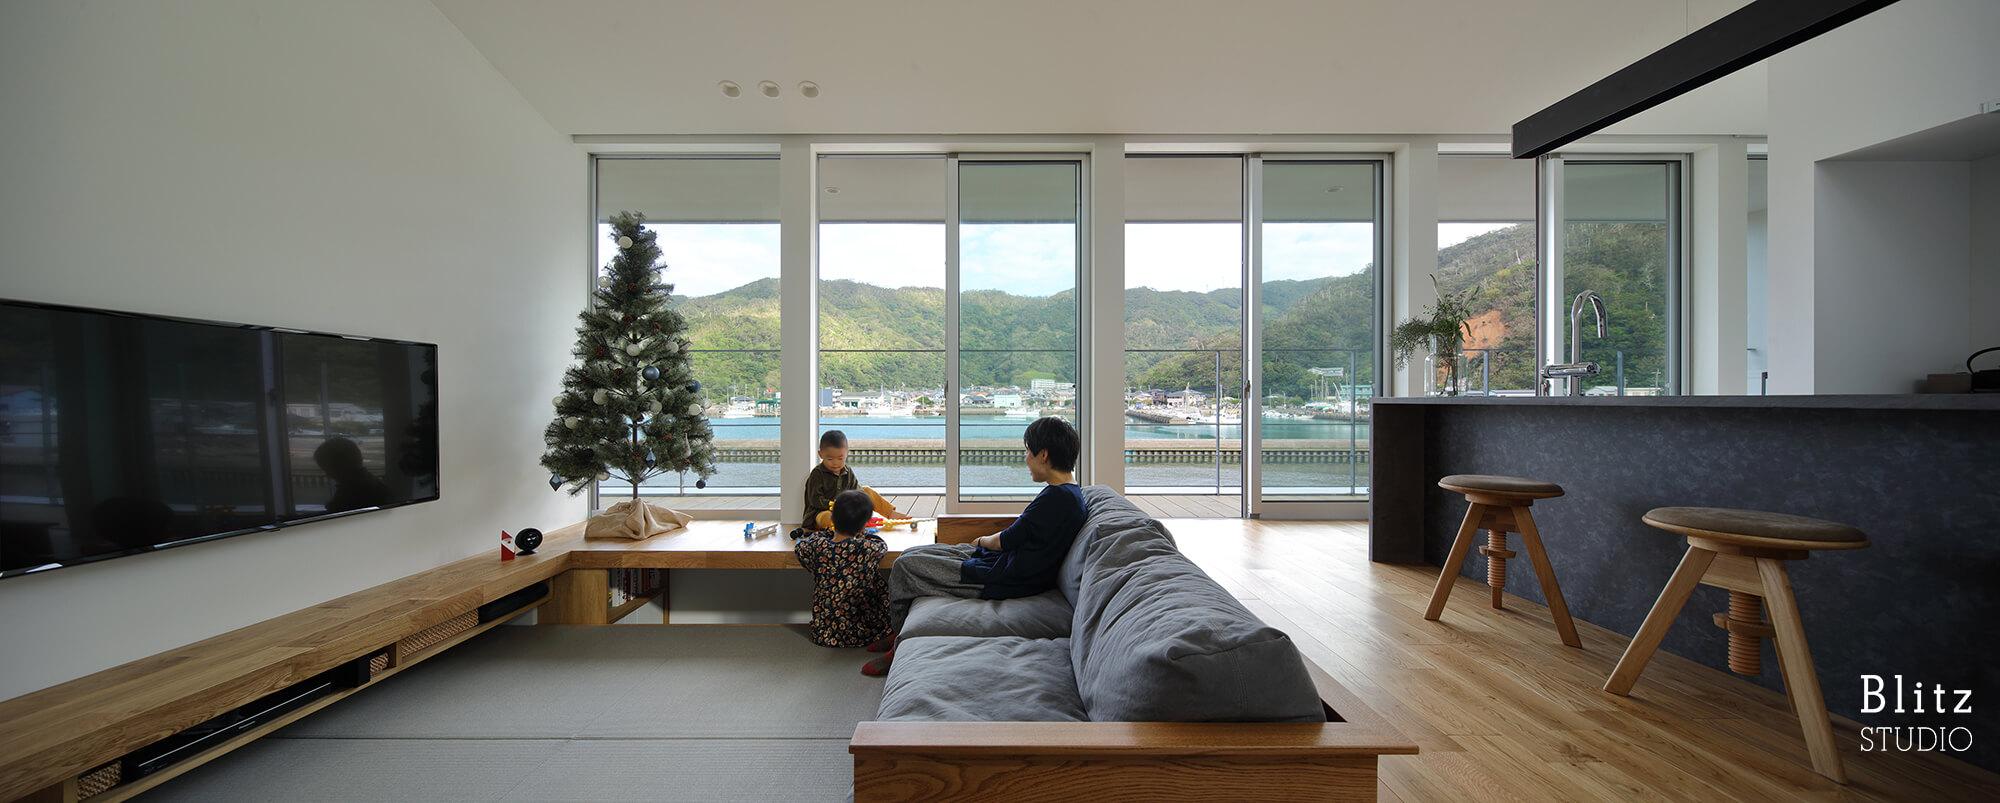 『名瀬鳩浜の家』建築写真・竣工写真・インテリア写真10